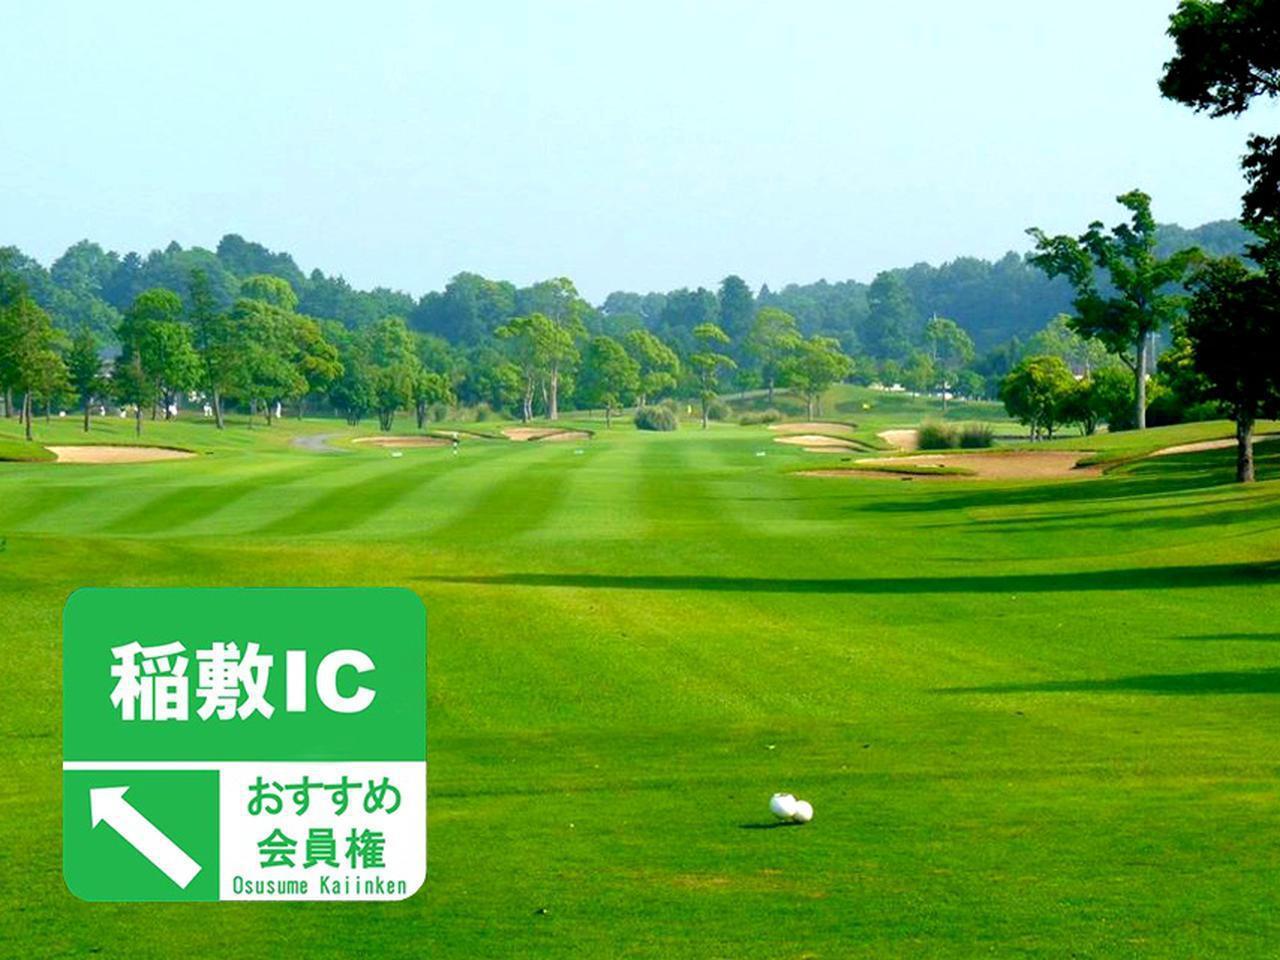 画像: 【ゴルフ会員権/インターチェンジ別おすすめゴルフ場】圏央道・稲敷インターが最寄り。クラブライフ充実、2つのゴルフ場を厳選 - ゴルフへ行こうWEB by ゴルフダイジェスト